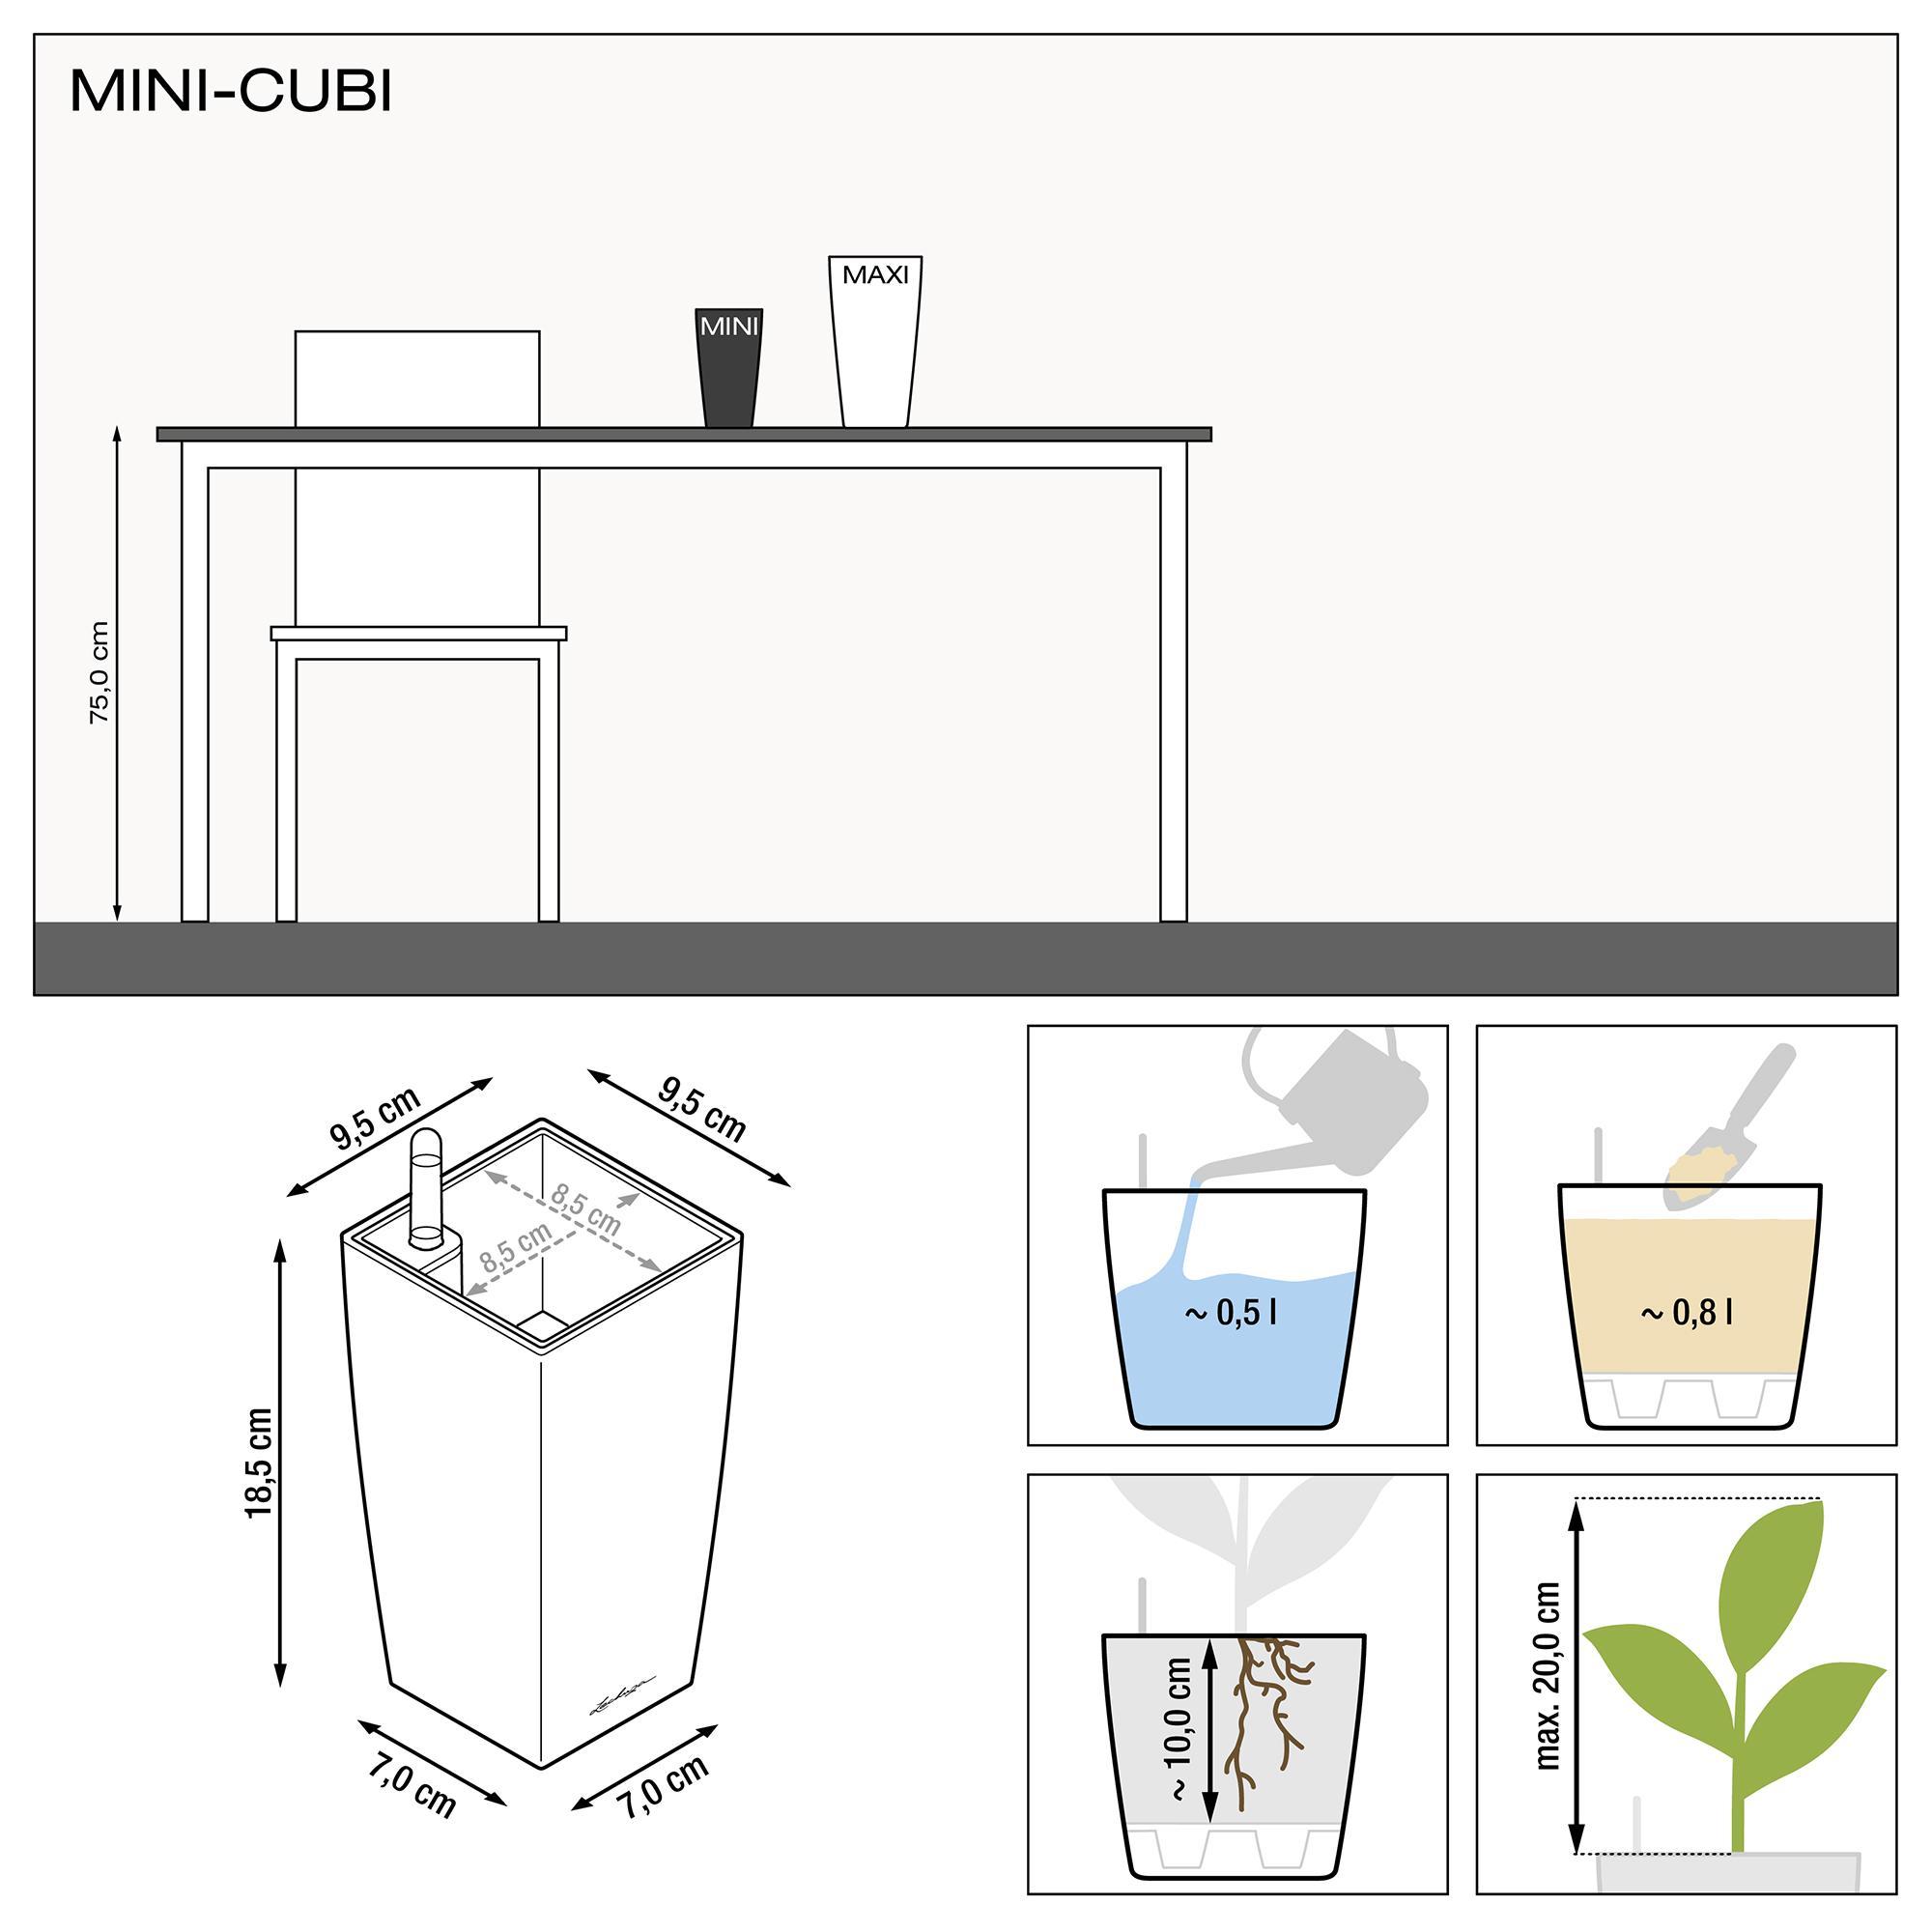 MINI-CUBI espresso metallic - Image 3